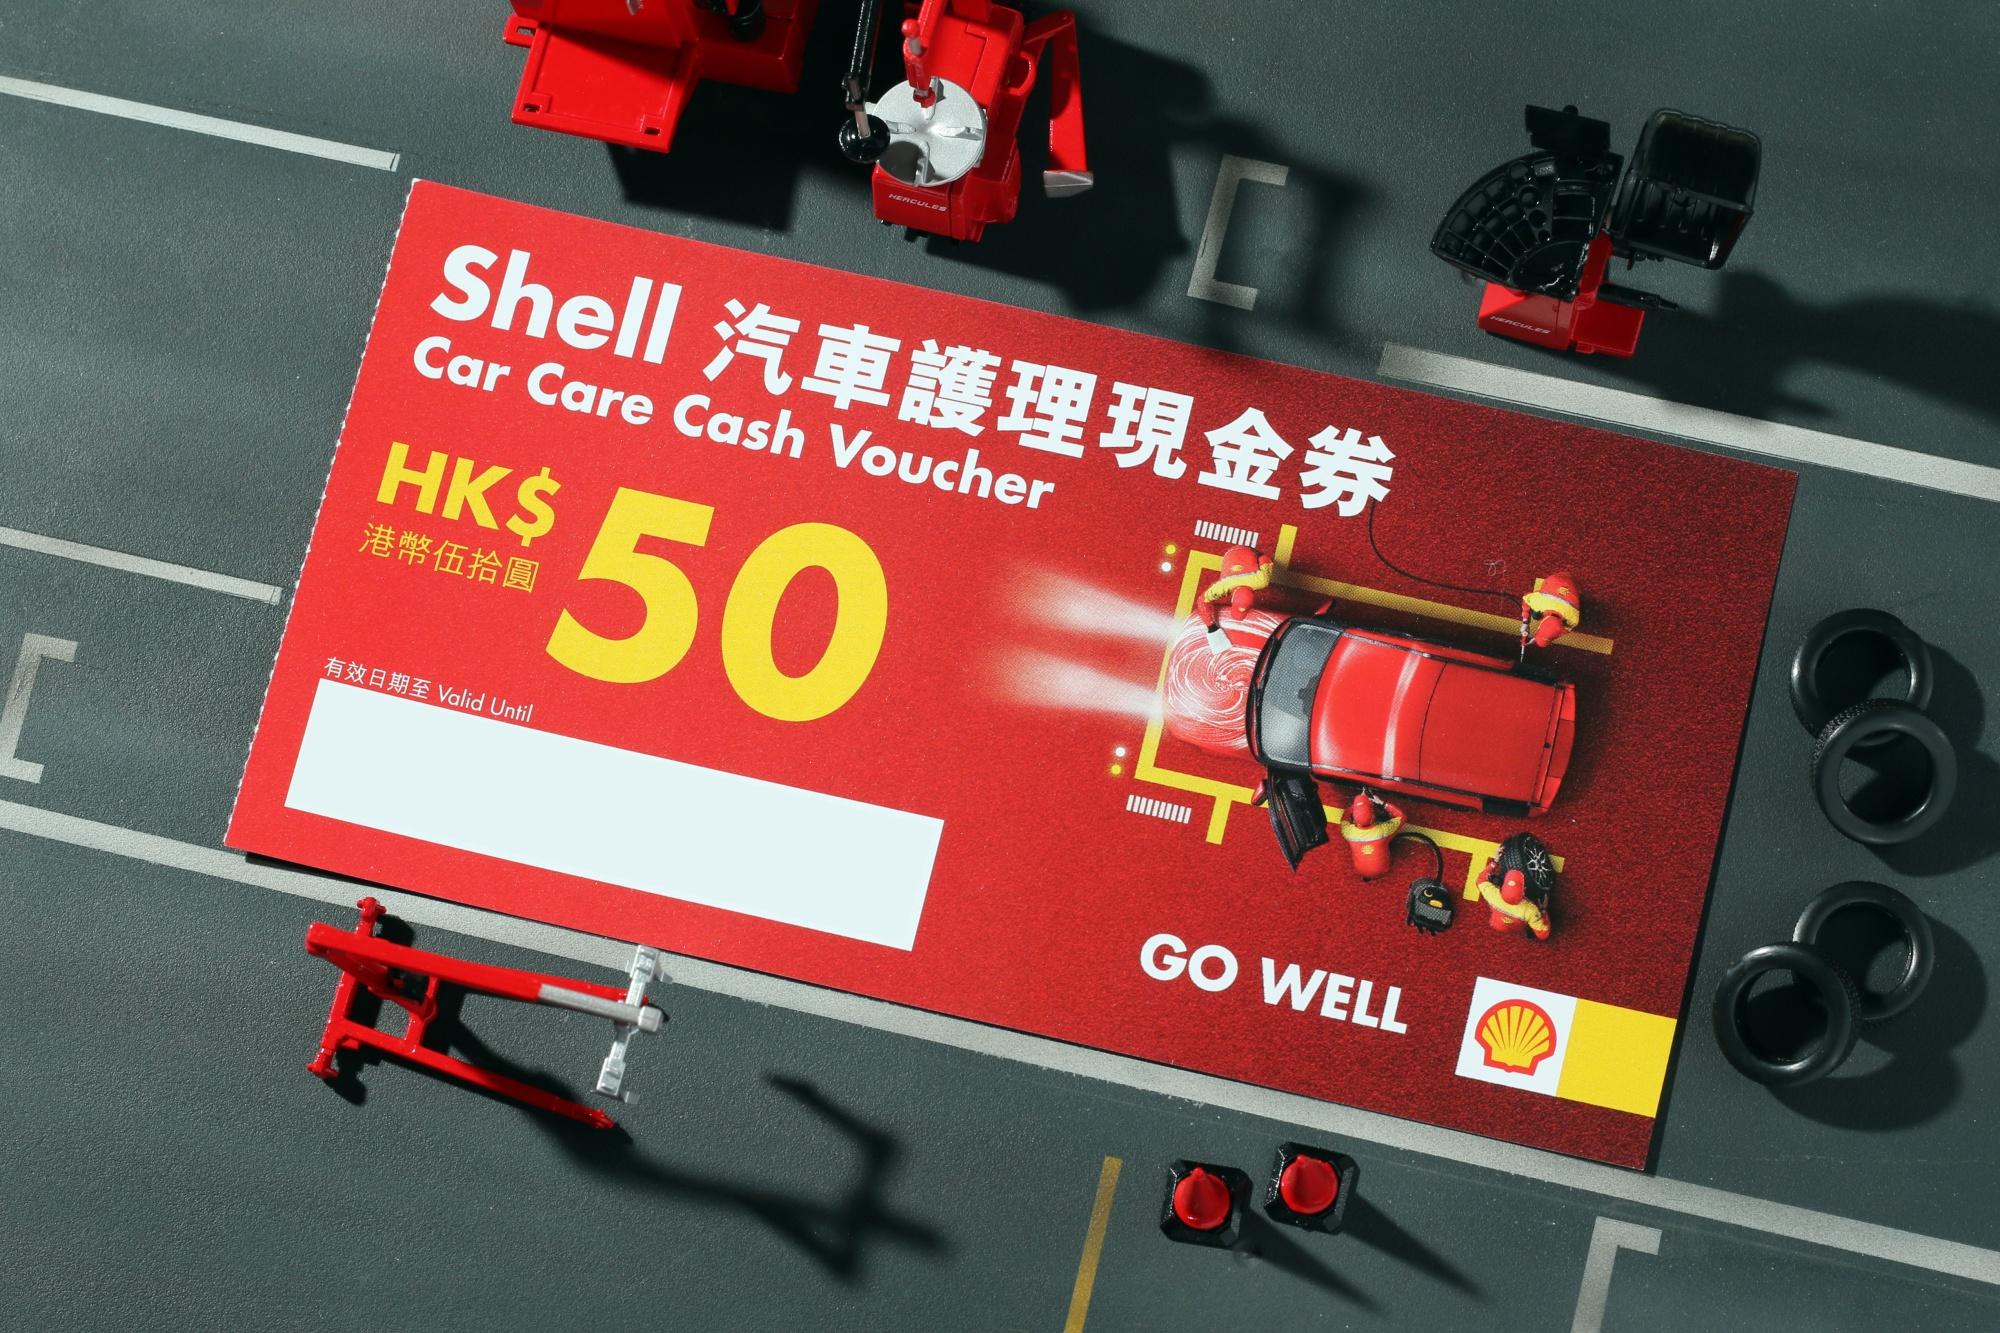 Shell, 法拉利, 法拉利車隊, F1, 一級方程式, Scuderia Ferrari,